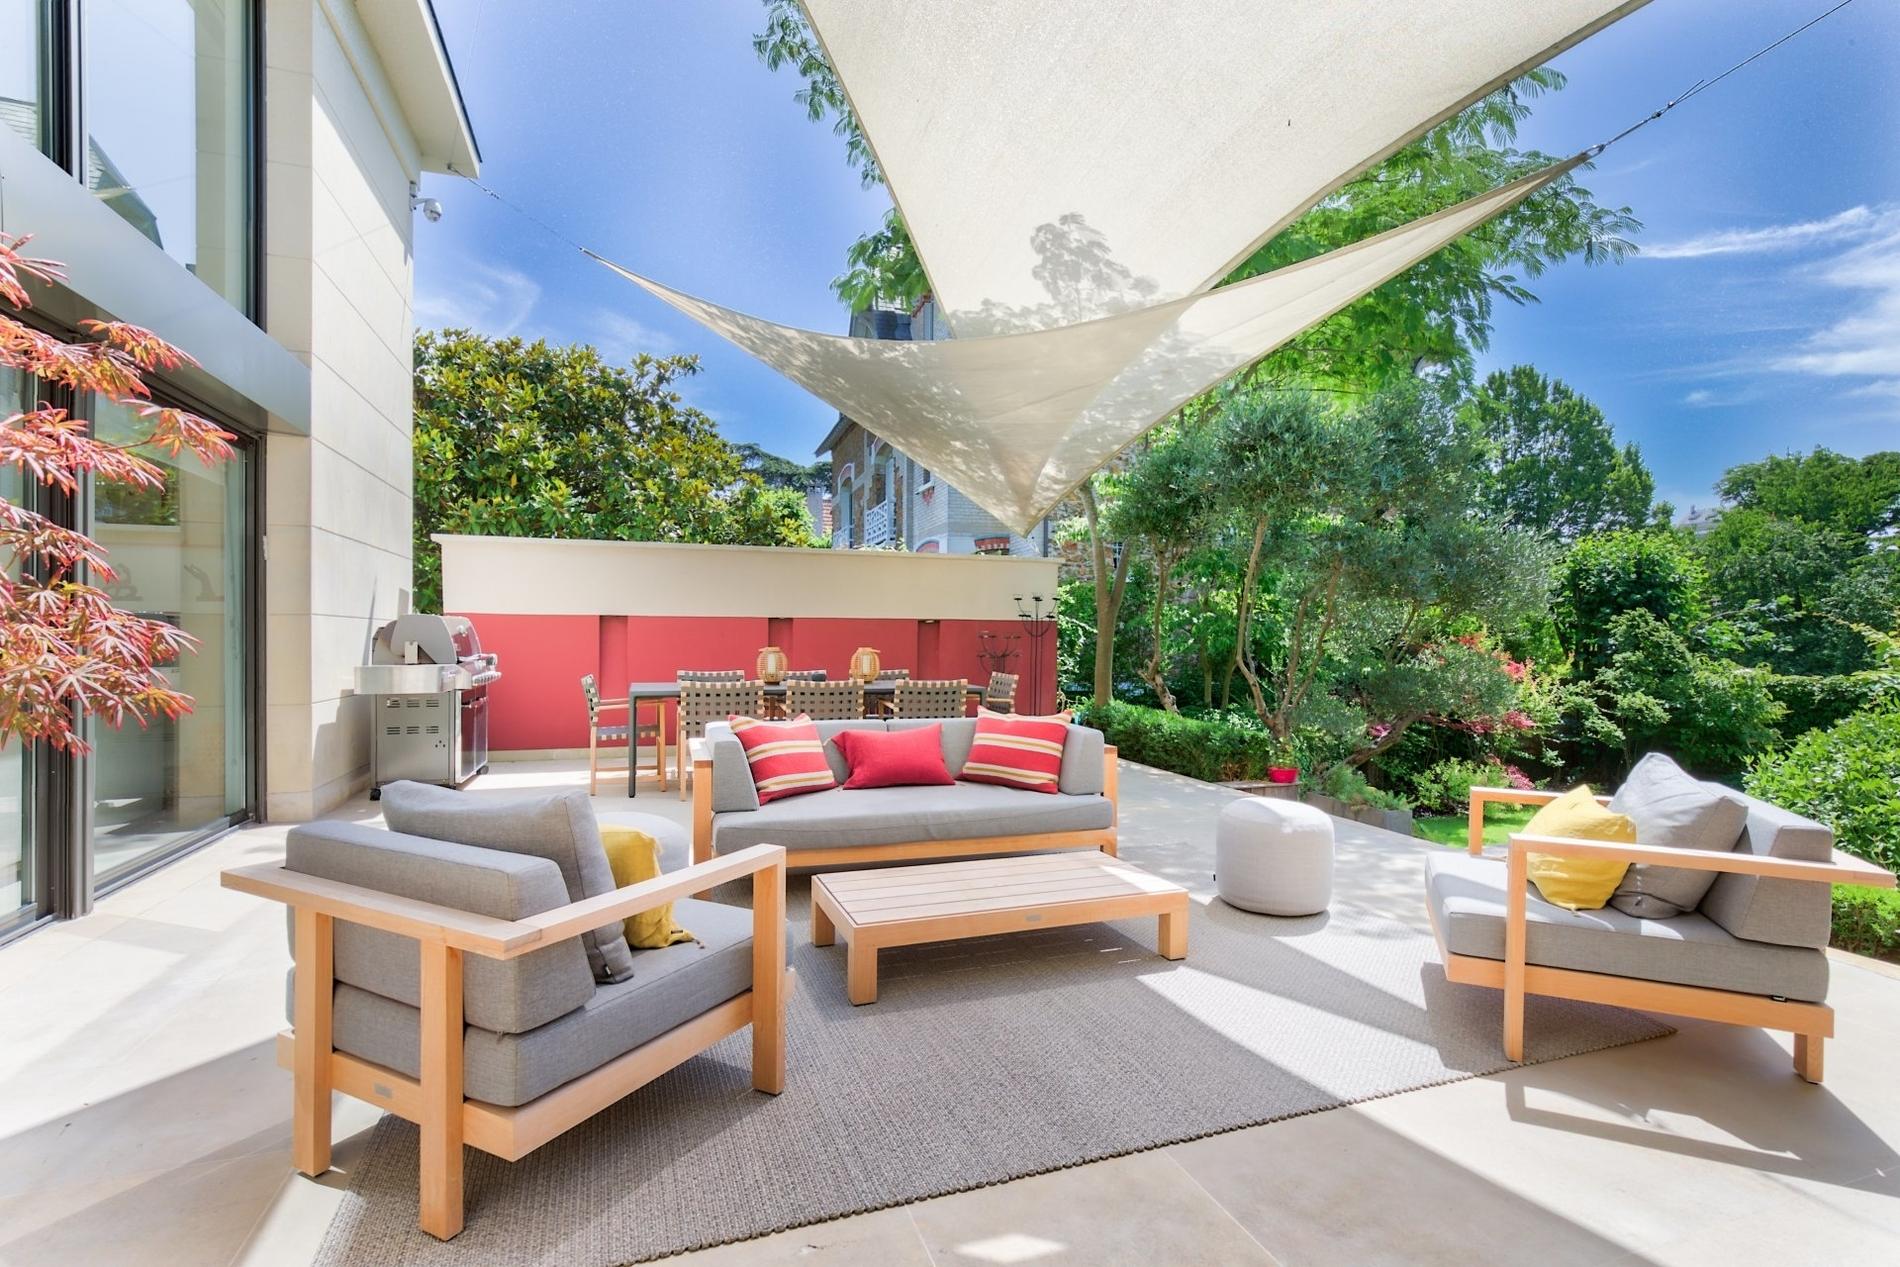 maison-architecte-a-vendre-perreux-sur-marne-piscine-grande-terrasse-hammam-cave-vin-garage